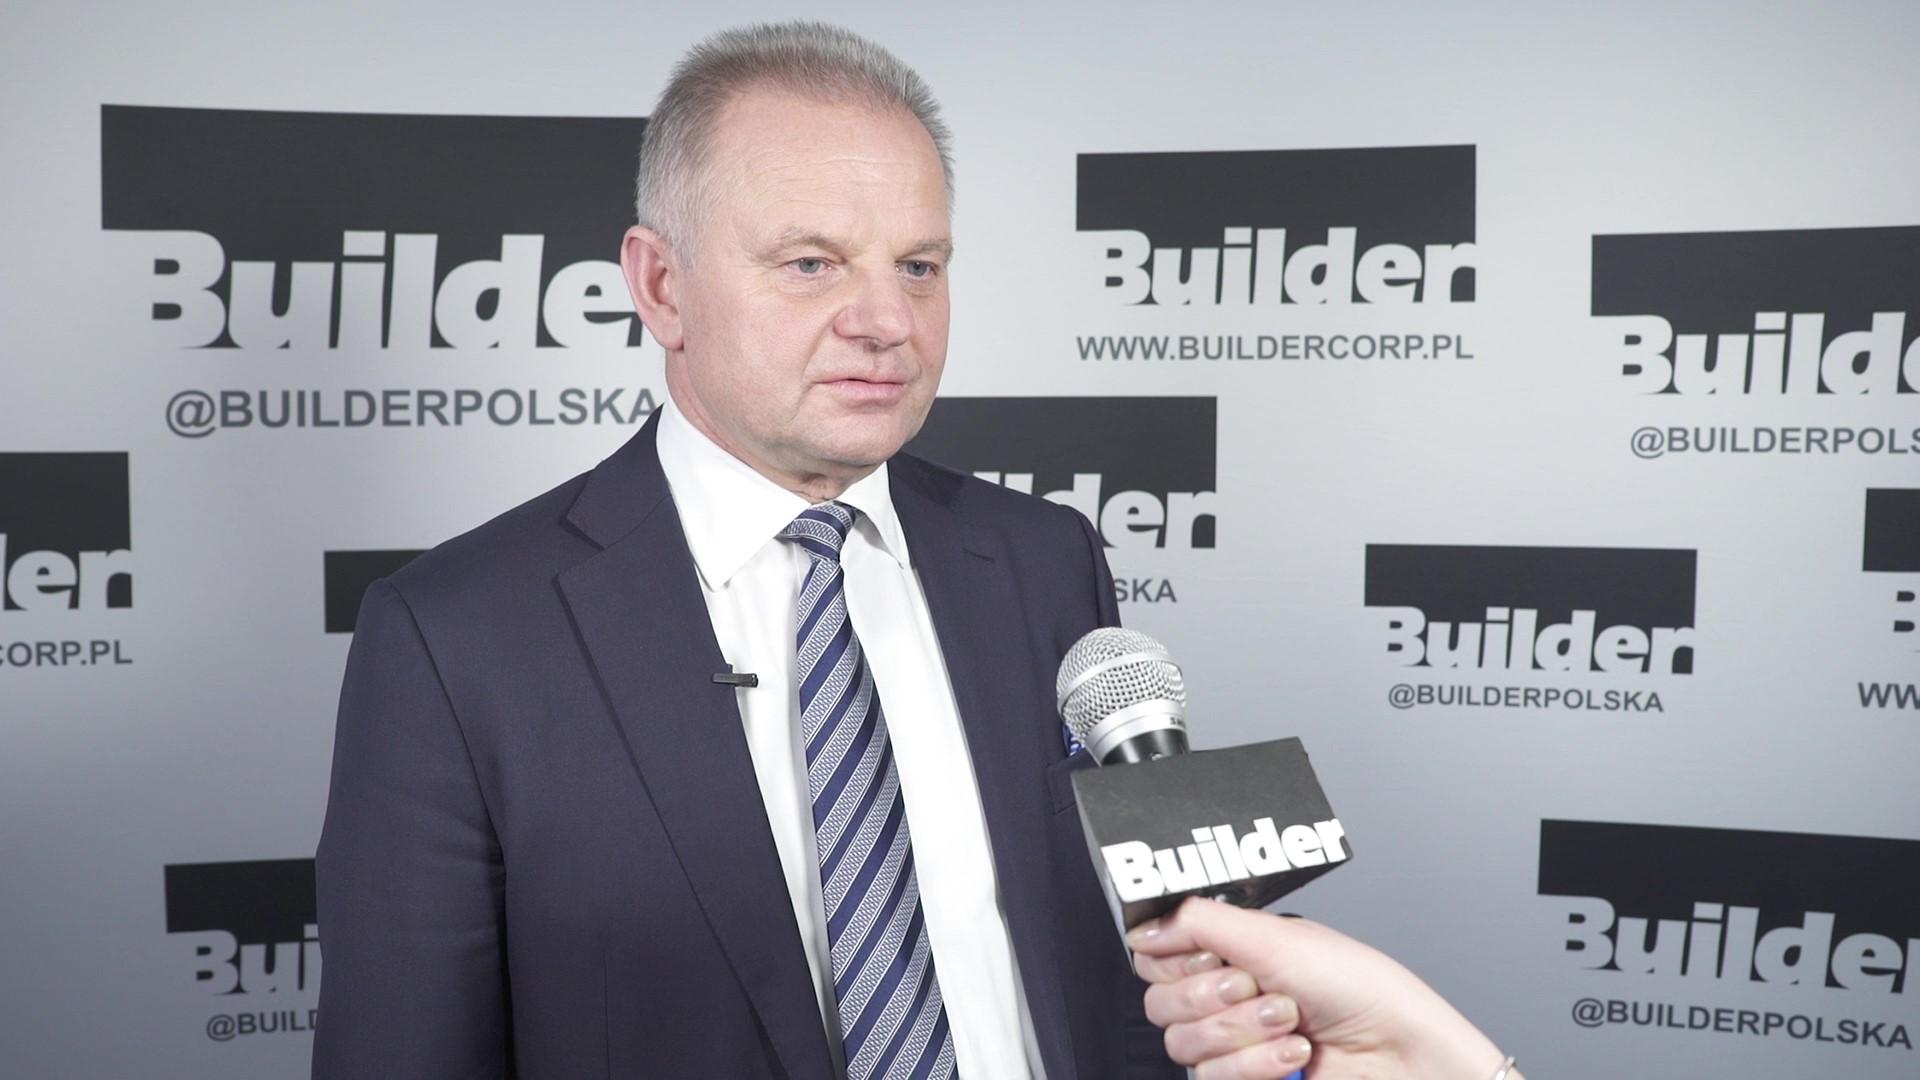 GALA BUILDER AWARDS 2019 – KRZYSZTOF PRUSZYŃSKI, PRUSZYŃSKI SP. Z O.O.